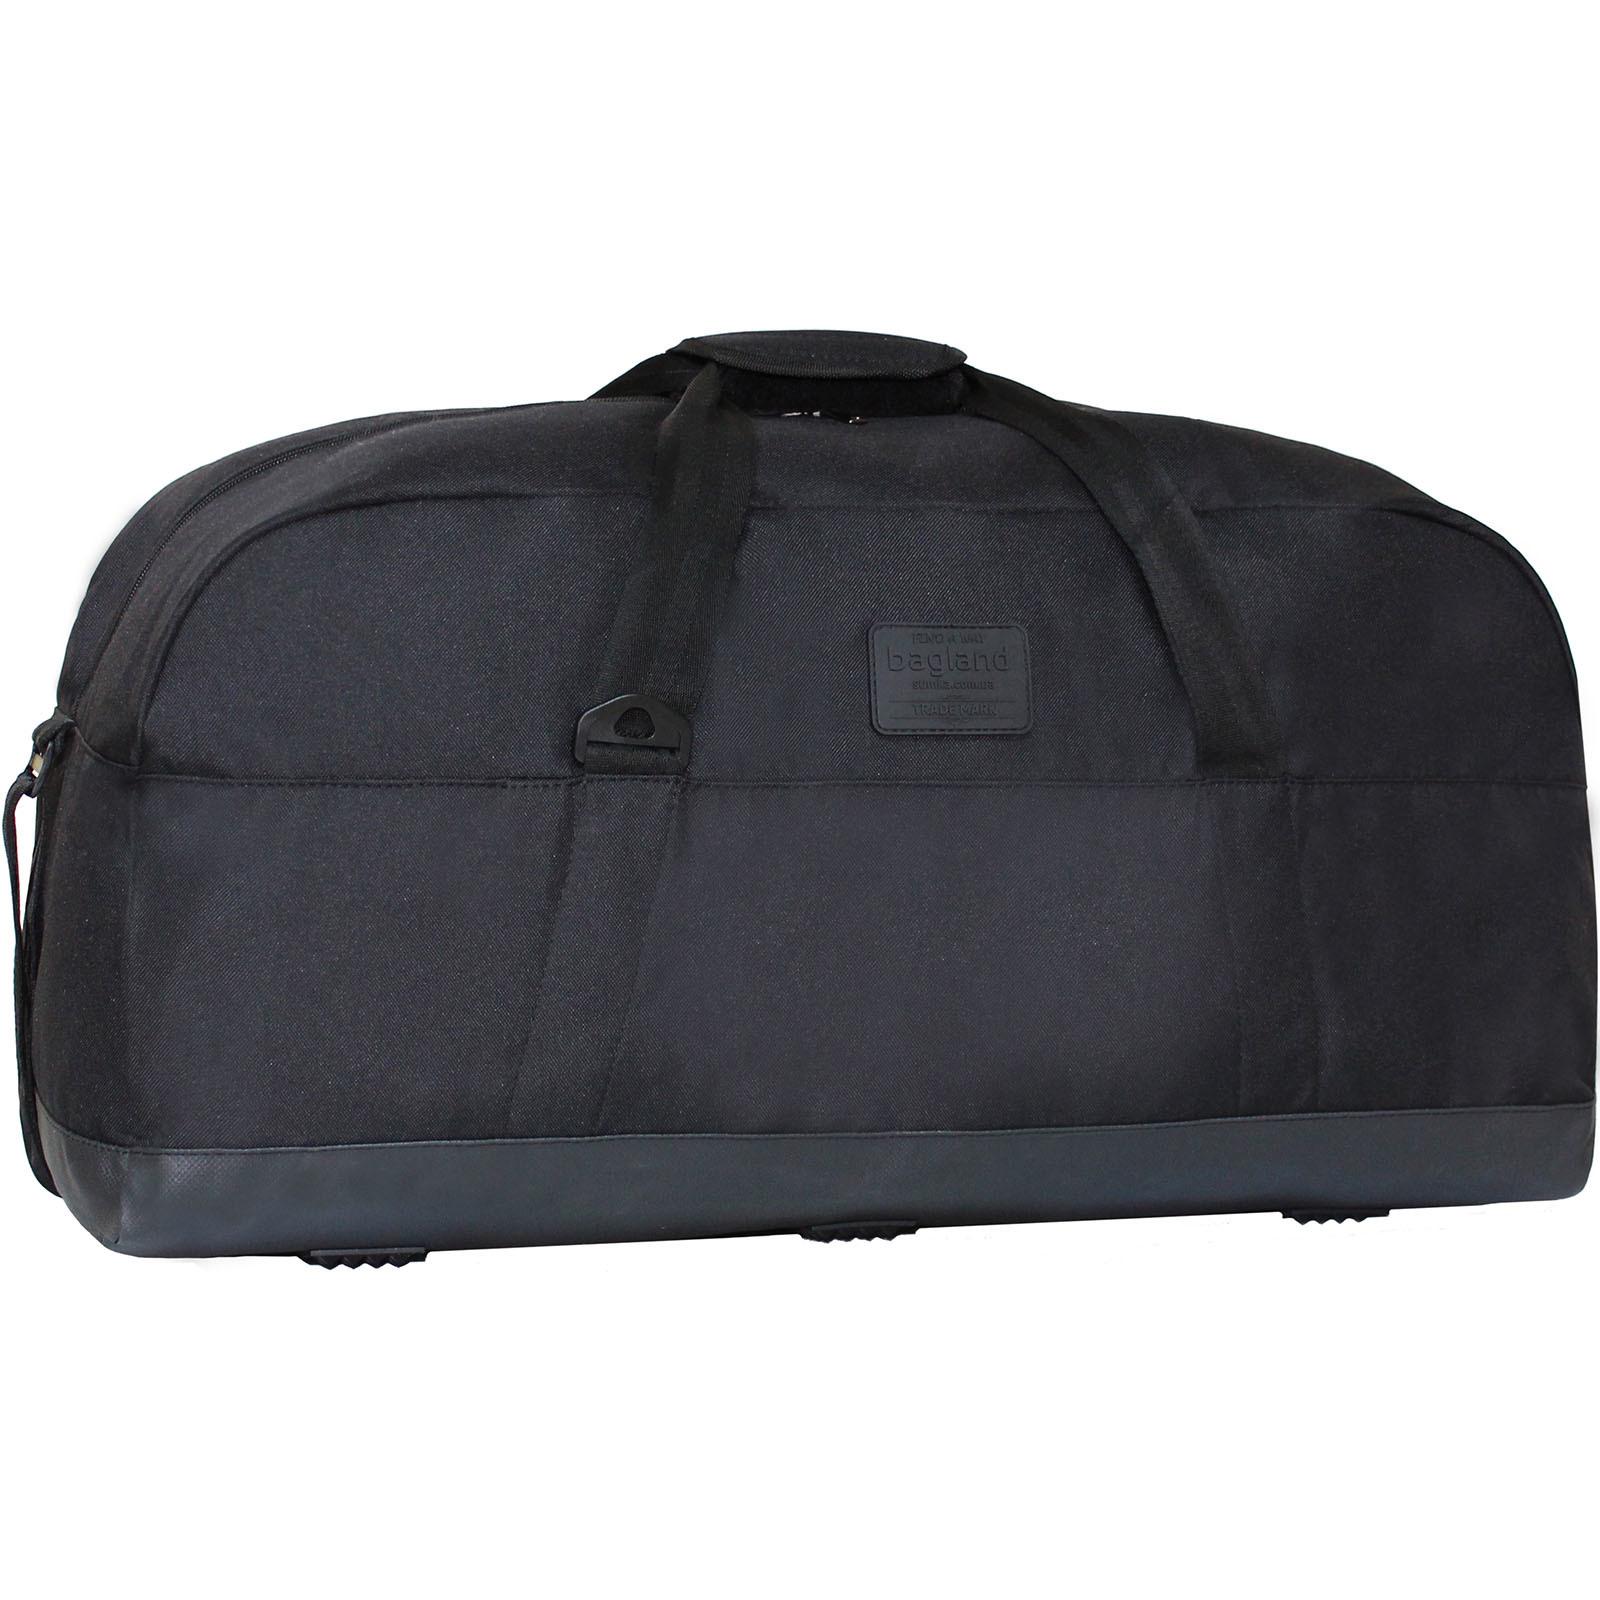 Спортивные сумки Сумка дорожная Bagland Roomy 55 л. Чёрный (0030266) IMG_9028.JPG